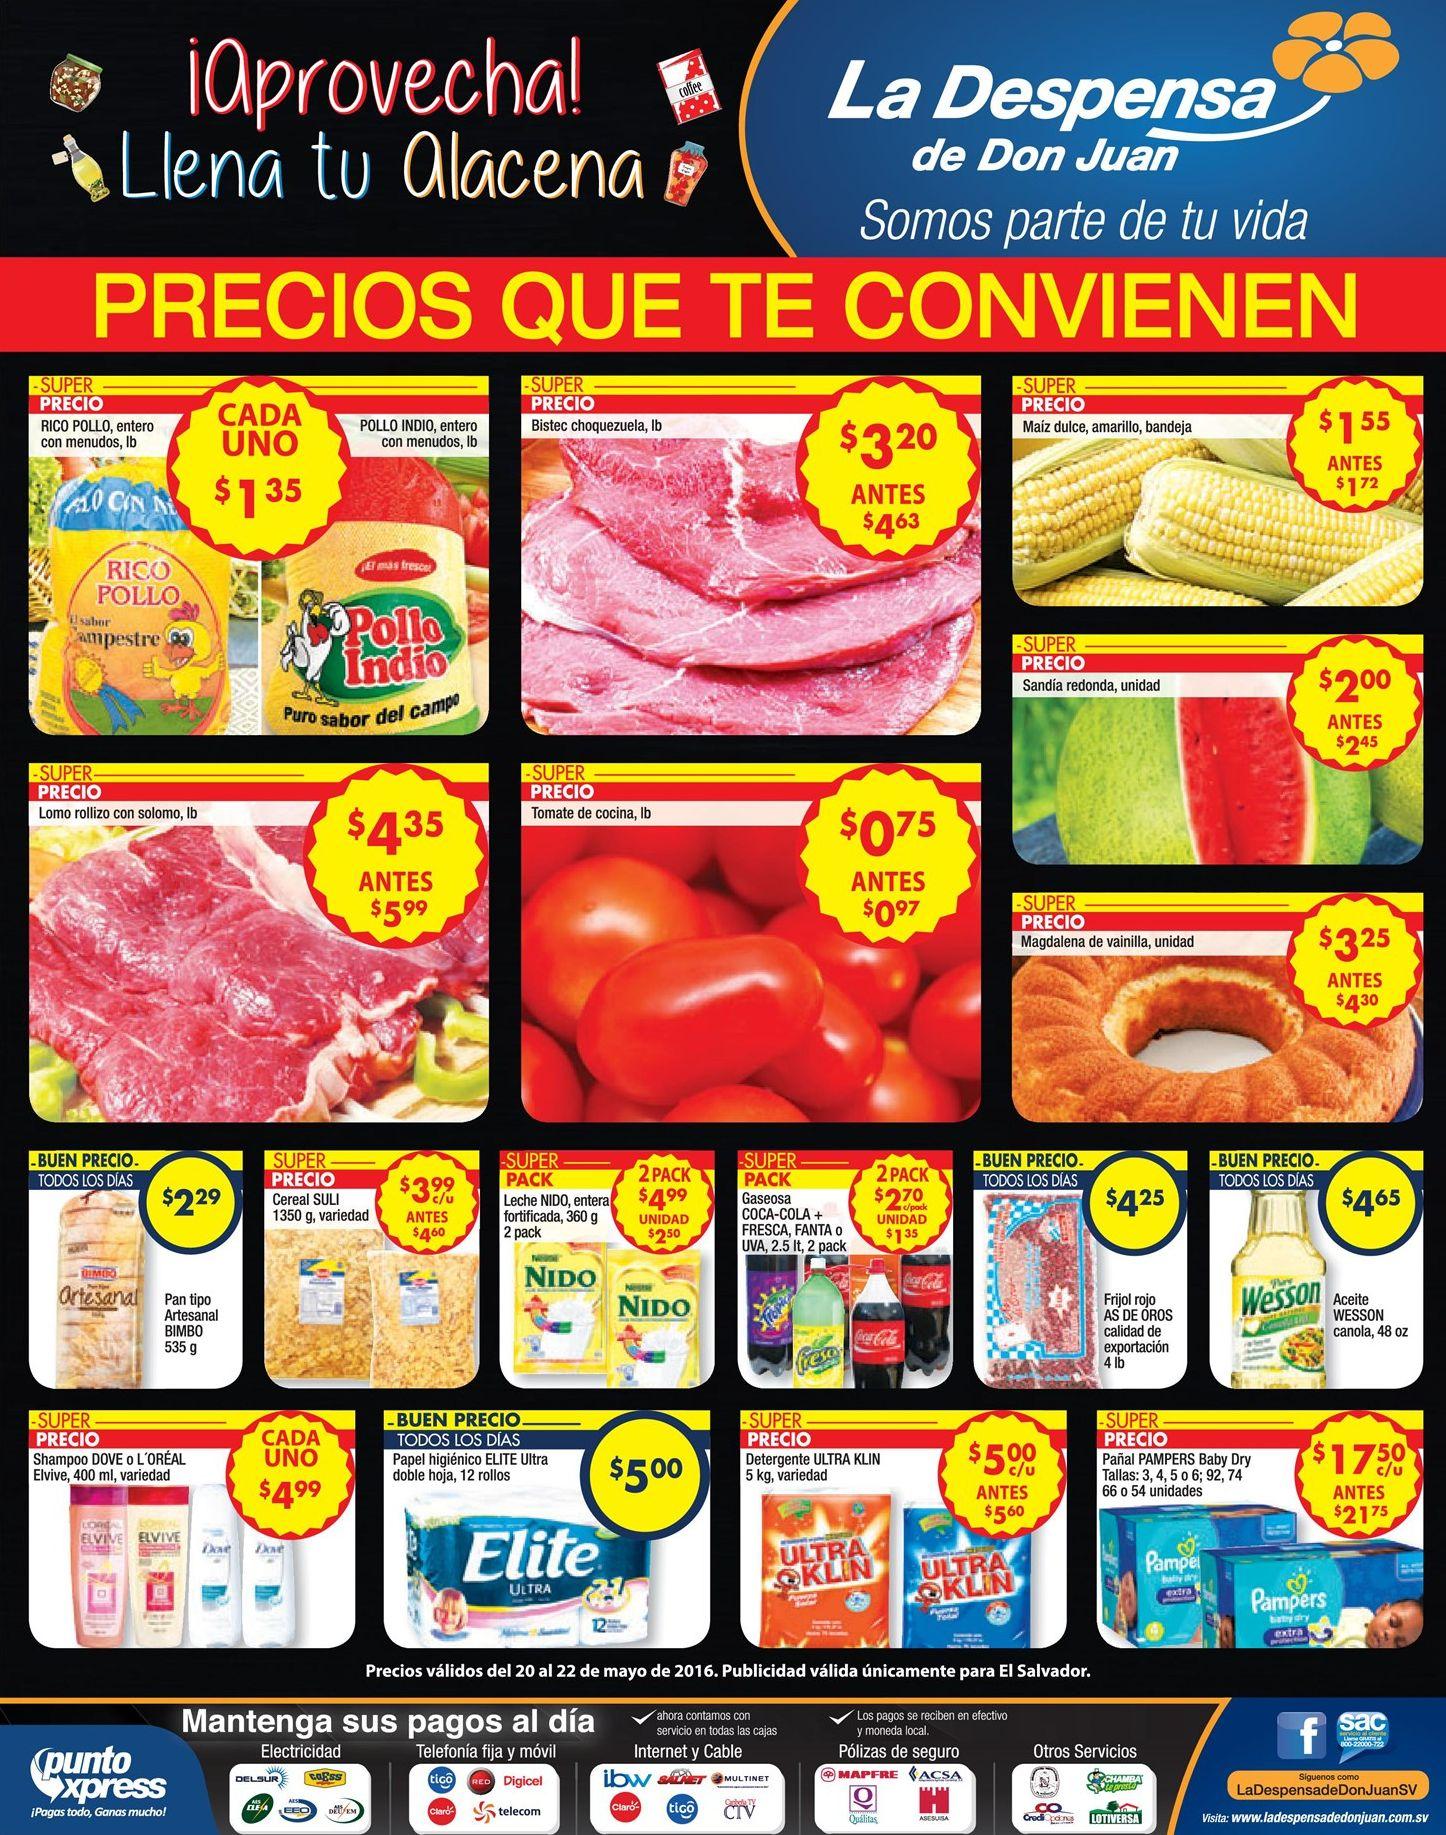 Nuevas ofertas que te convienen de LA Despensa de Don juan - 20may16